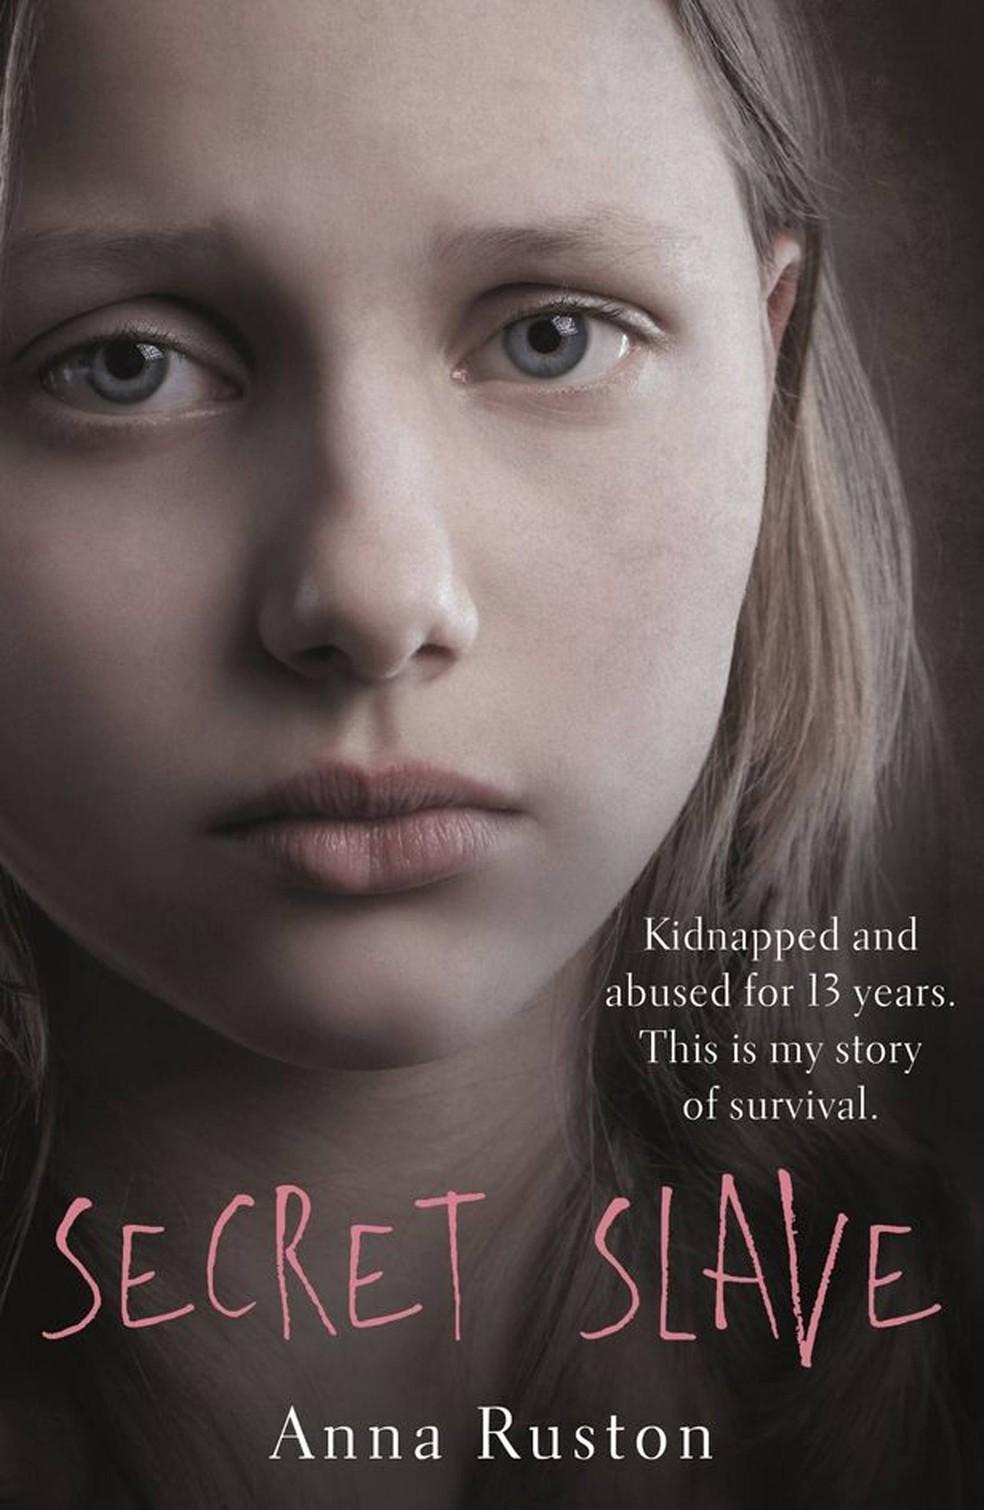 Vítima adotou o nome fictício de Anna Ruston e acaba de lançar um livro contando em detalhes o seu drama (Foto: Reprodução)